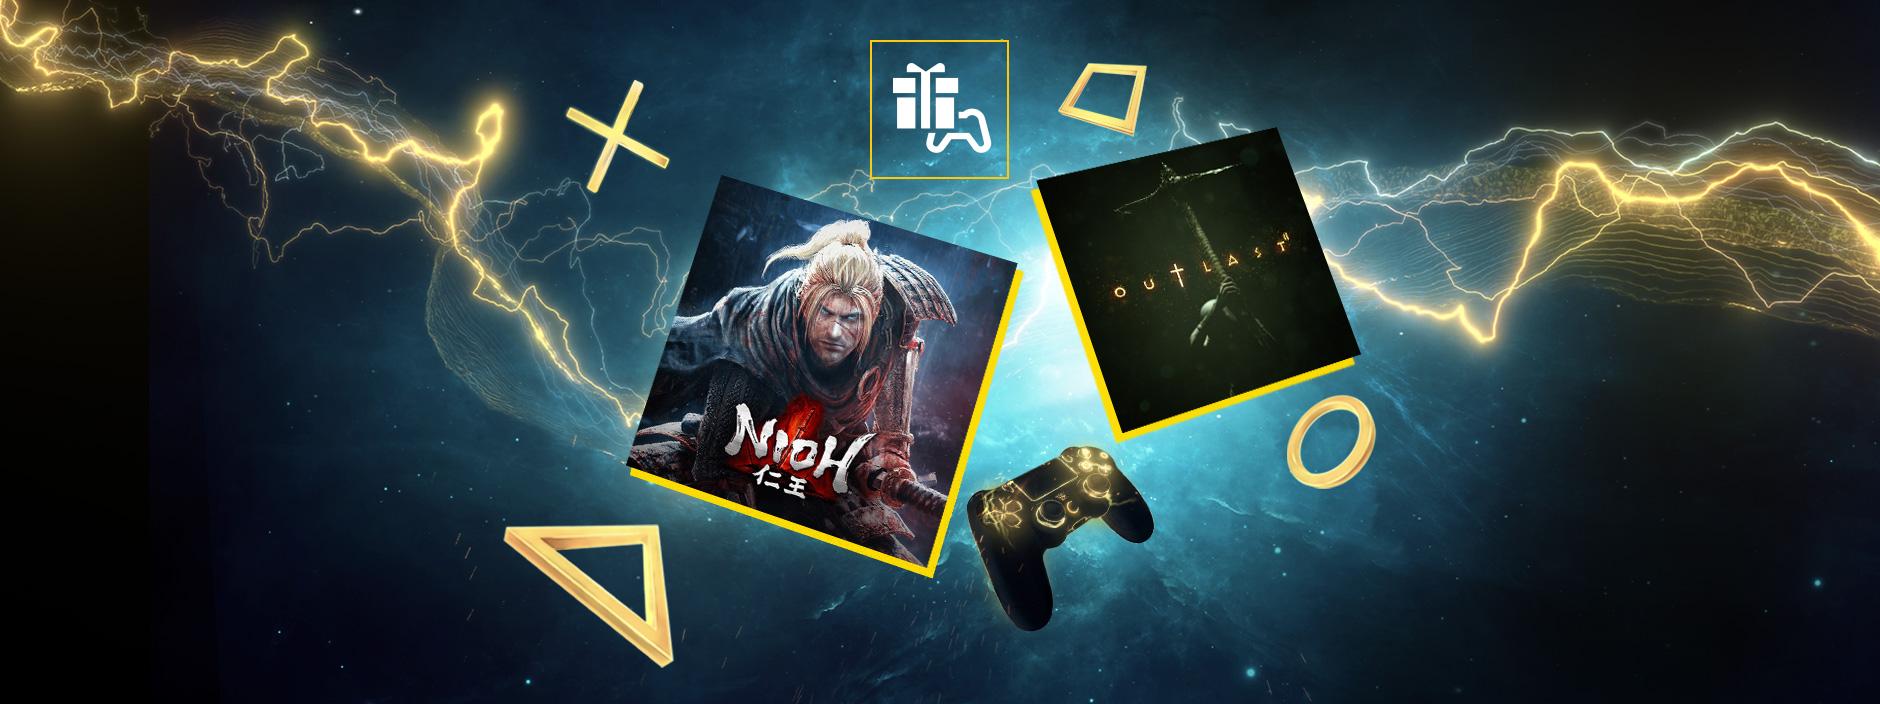 Desvelados los juegos para PlayStation Plus y Games with Gold para noviembre